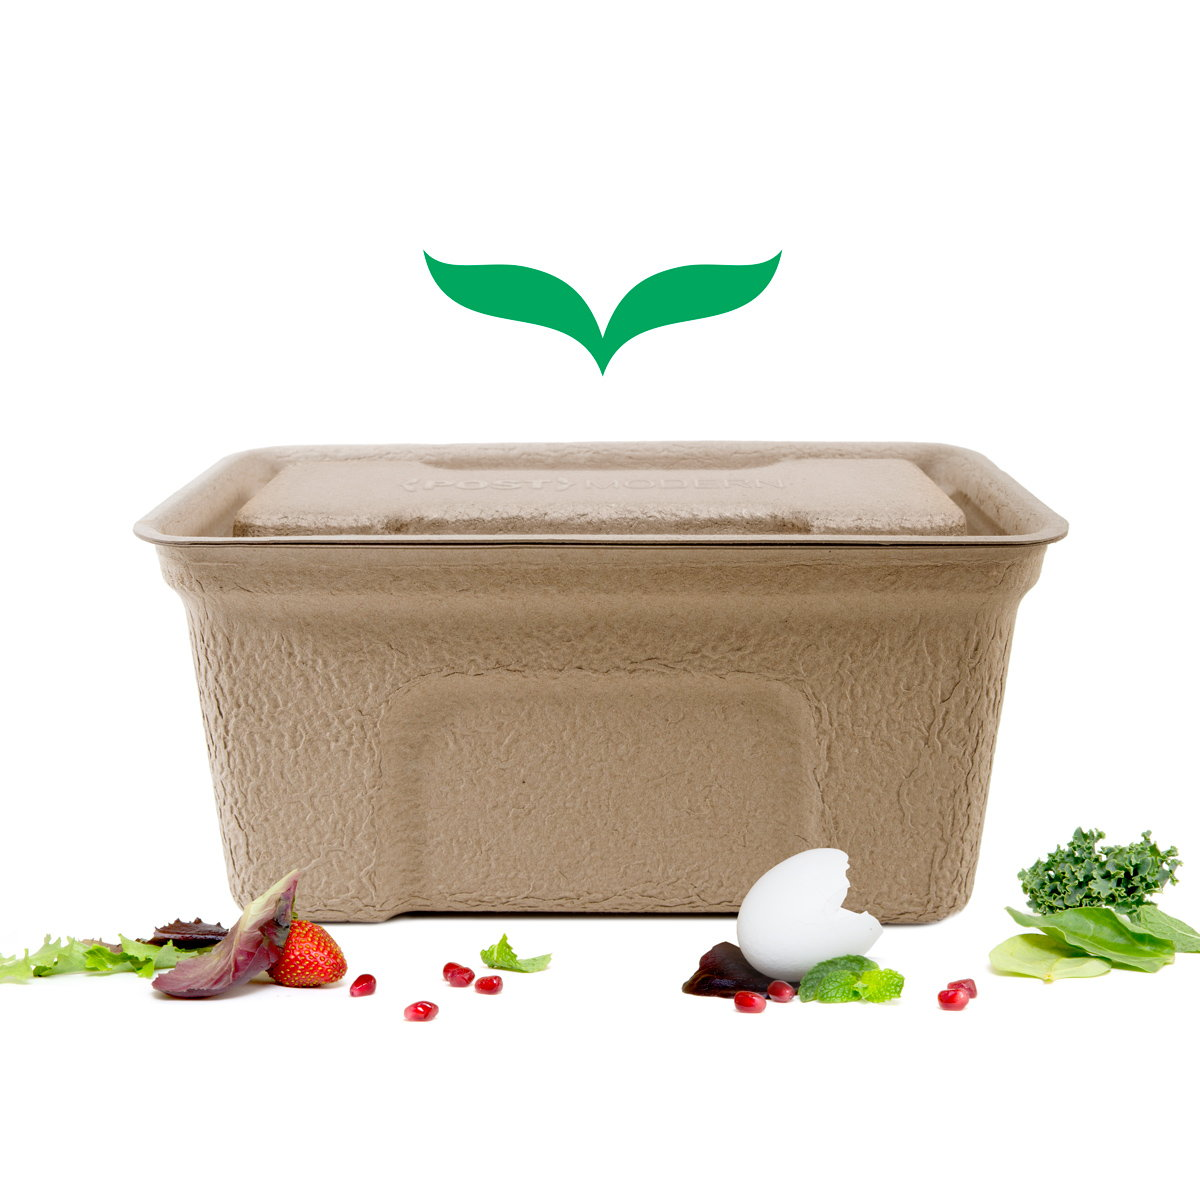 post modern compostable kitchen compost bin by platform. Black Bedroom Furniture Sets. Home Design Ideas